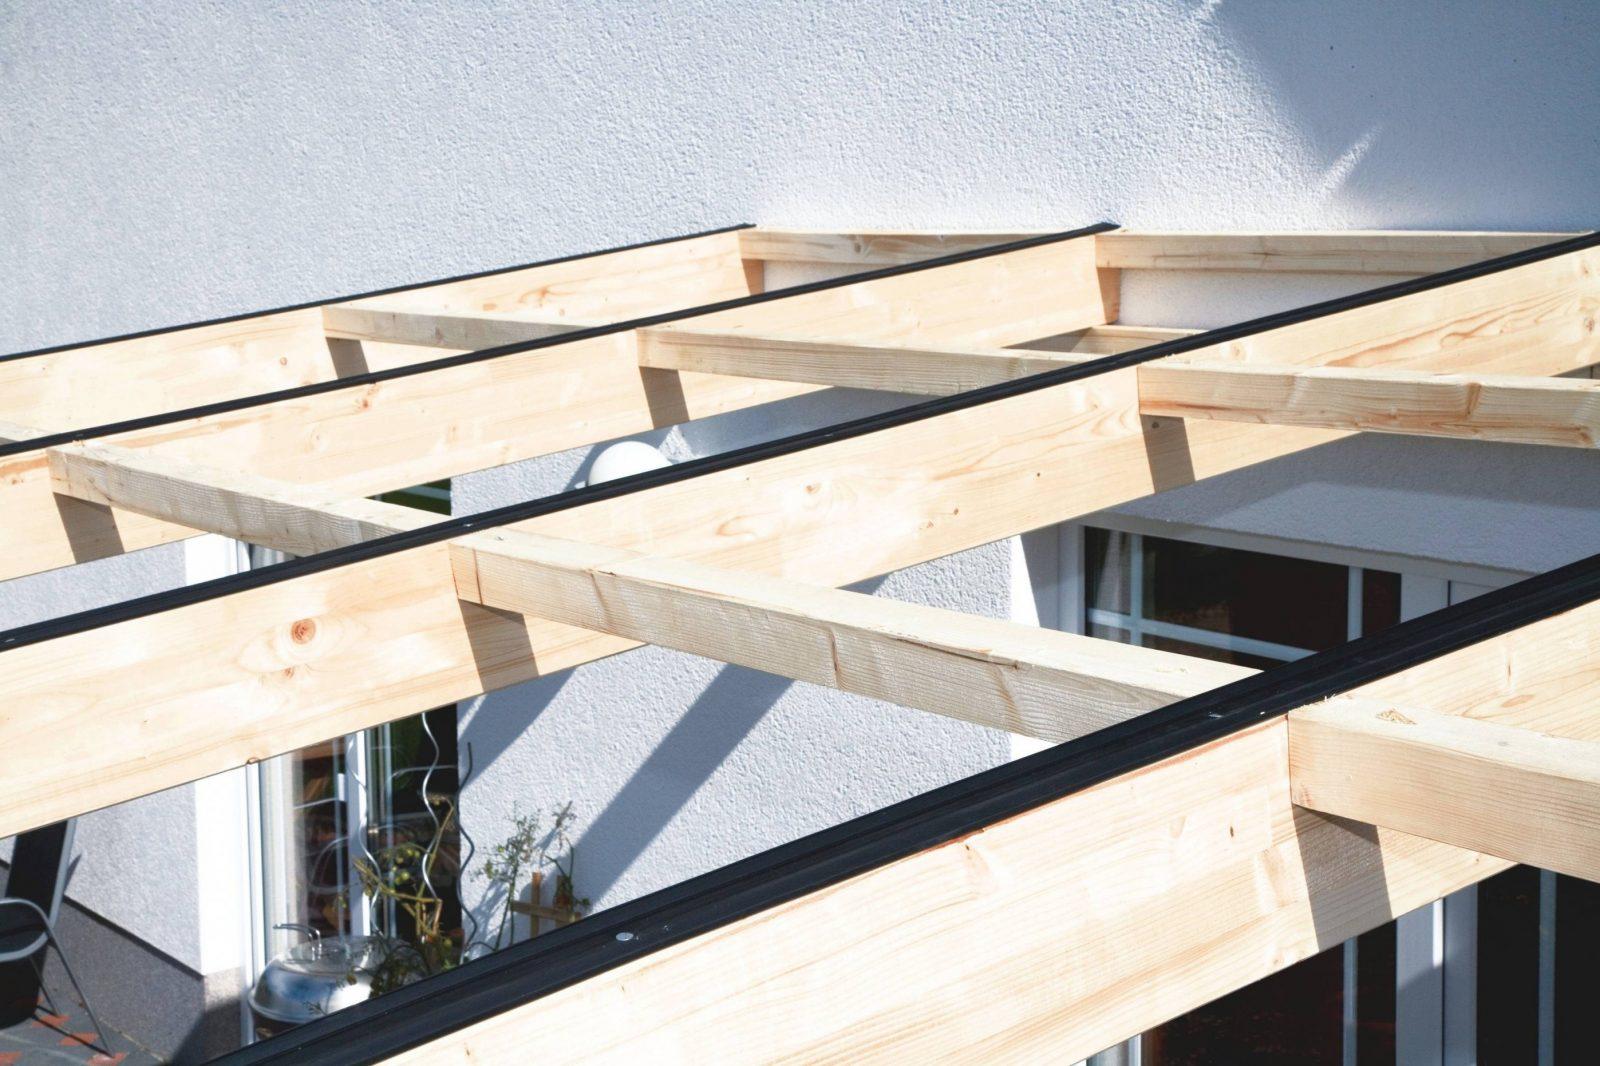 Terrassenüberdachung Selber Bauen Für Planen Holz Überdachung Terrasse von Überdachung Holz Selber Bauen Bild